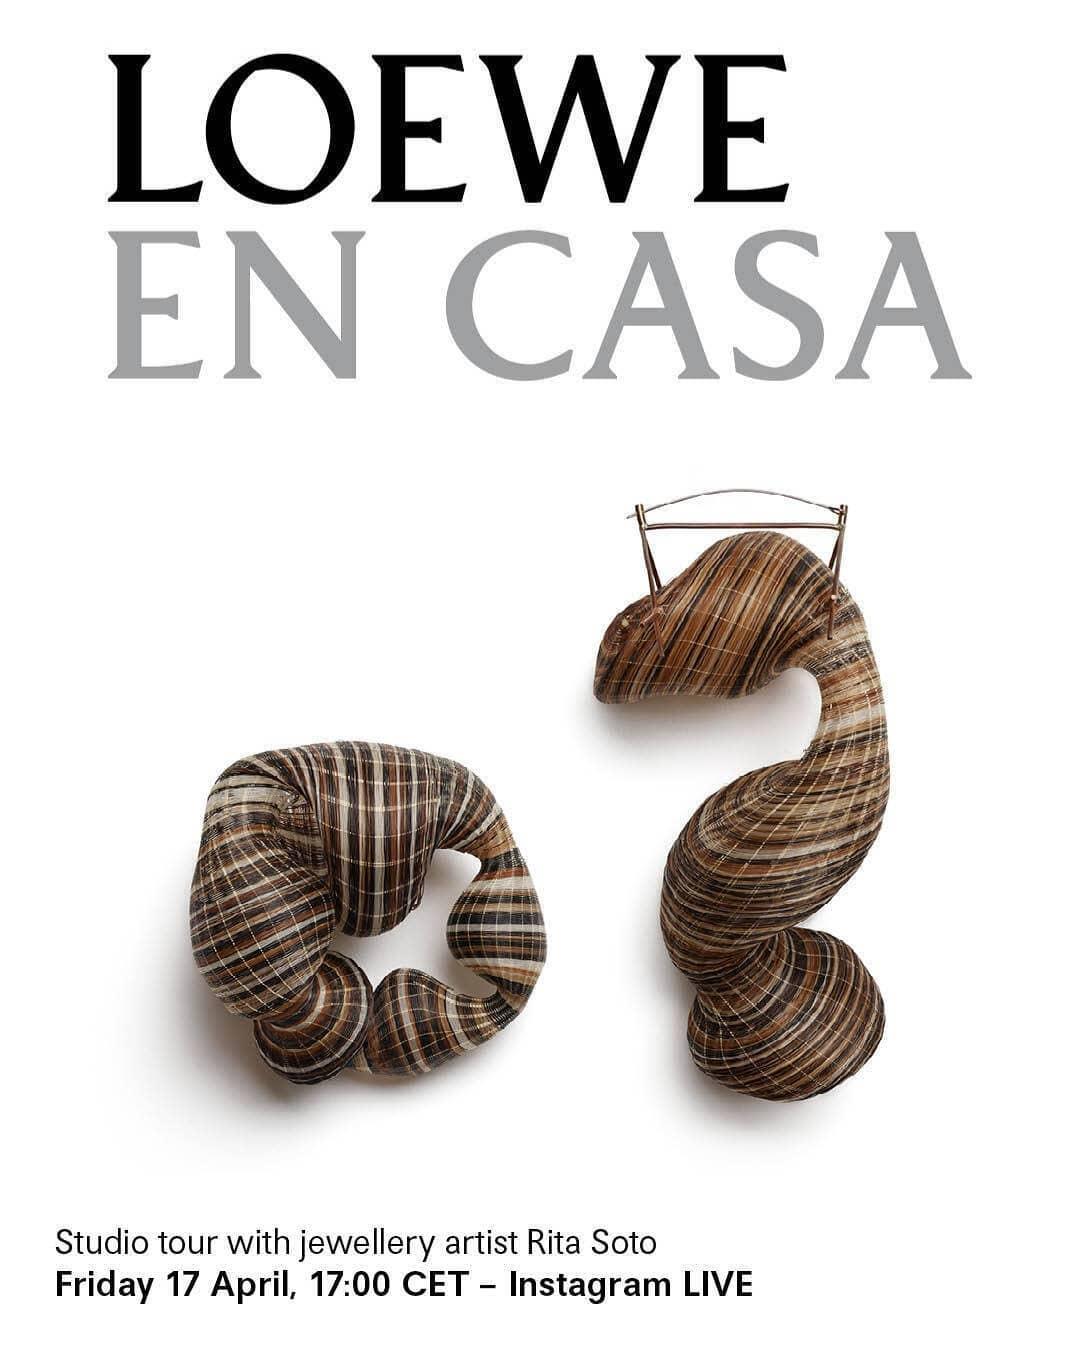 LOEWE EN CASA / LIVE